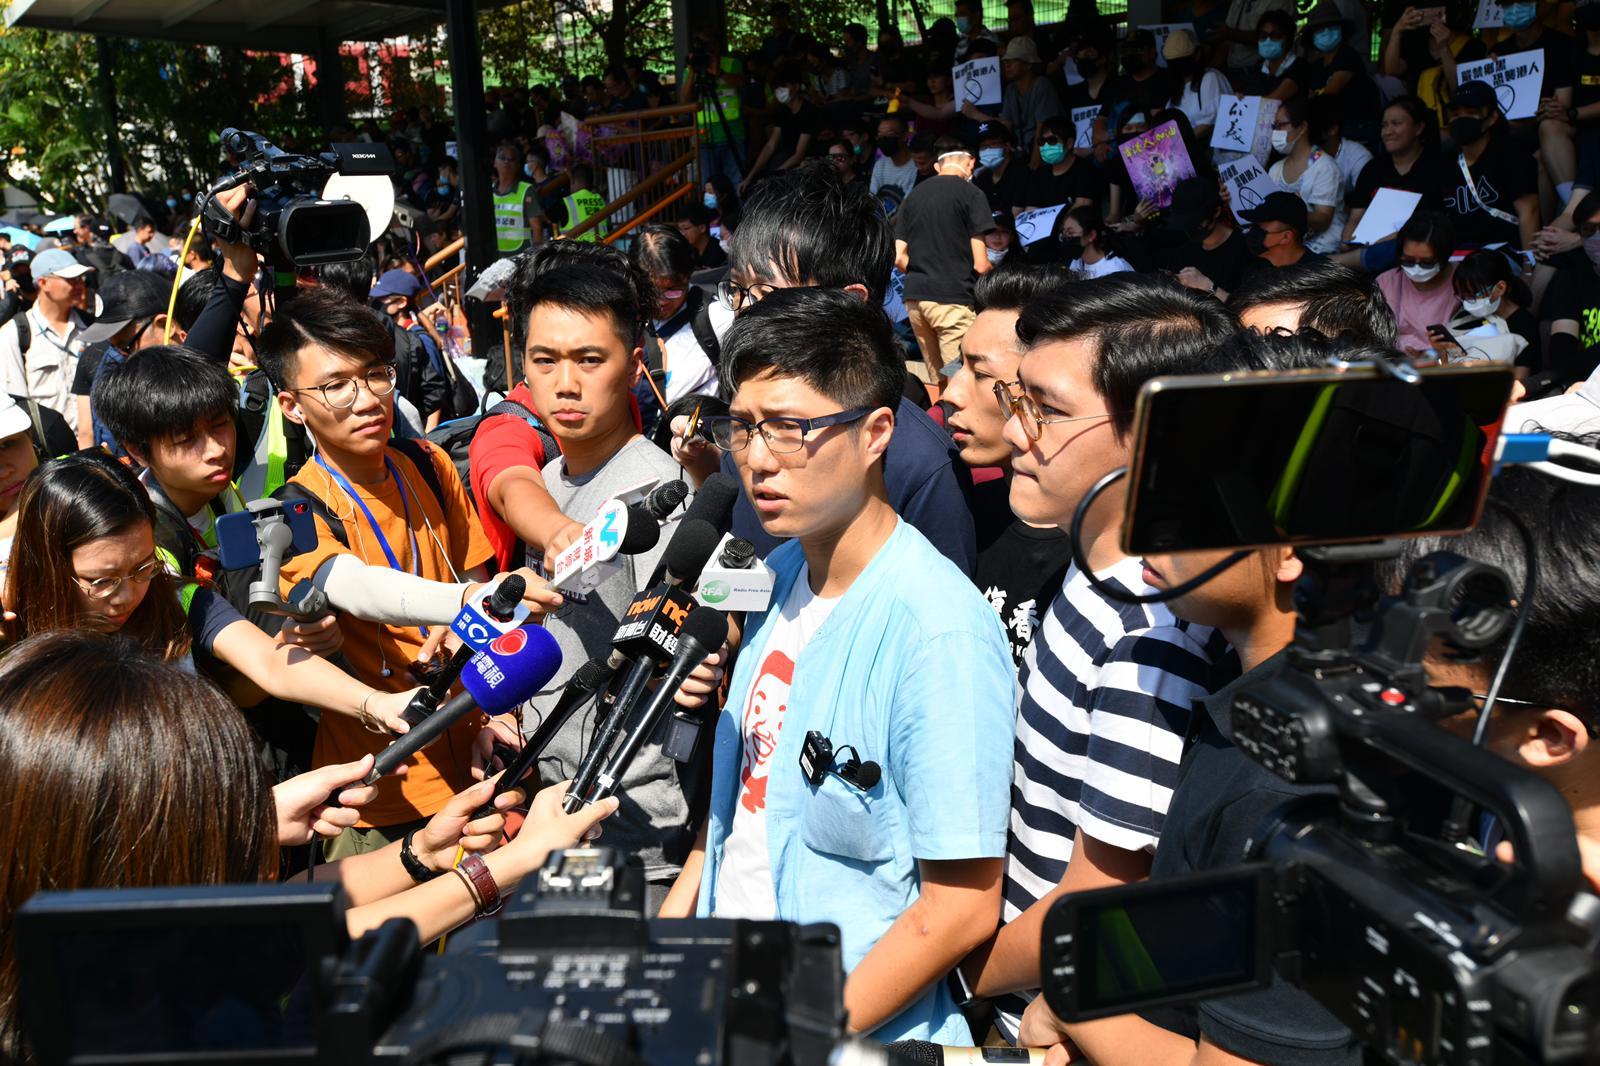 發起人巫堃泰表明,遊行是要反映「禁止打賞」等「五大訴求」,要求當局回應。